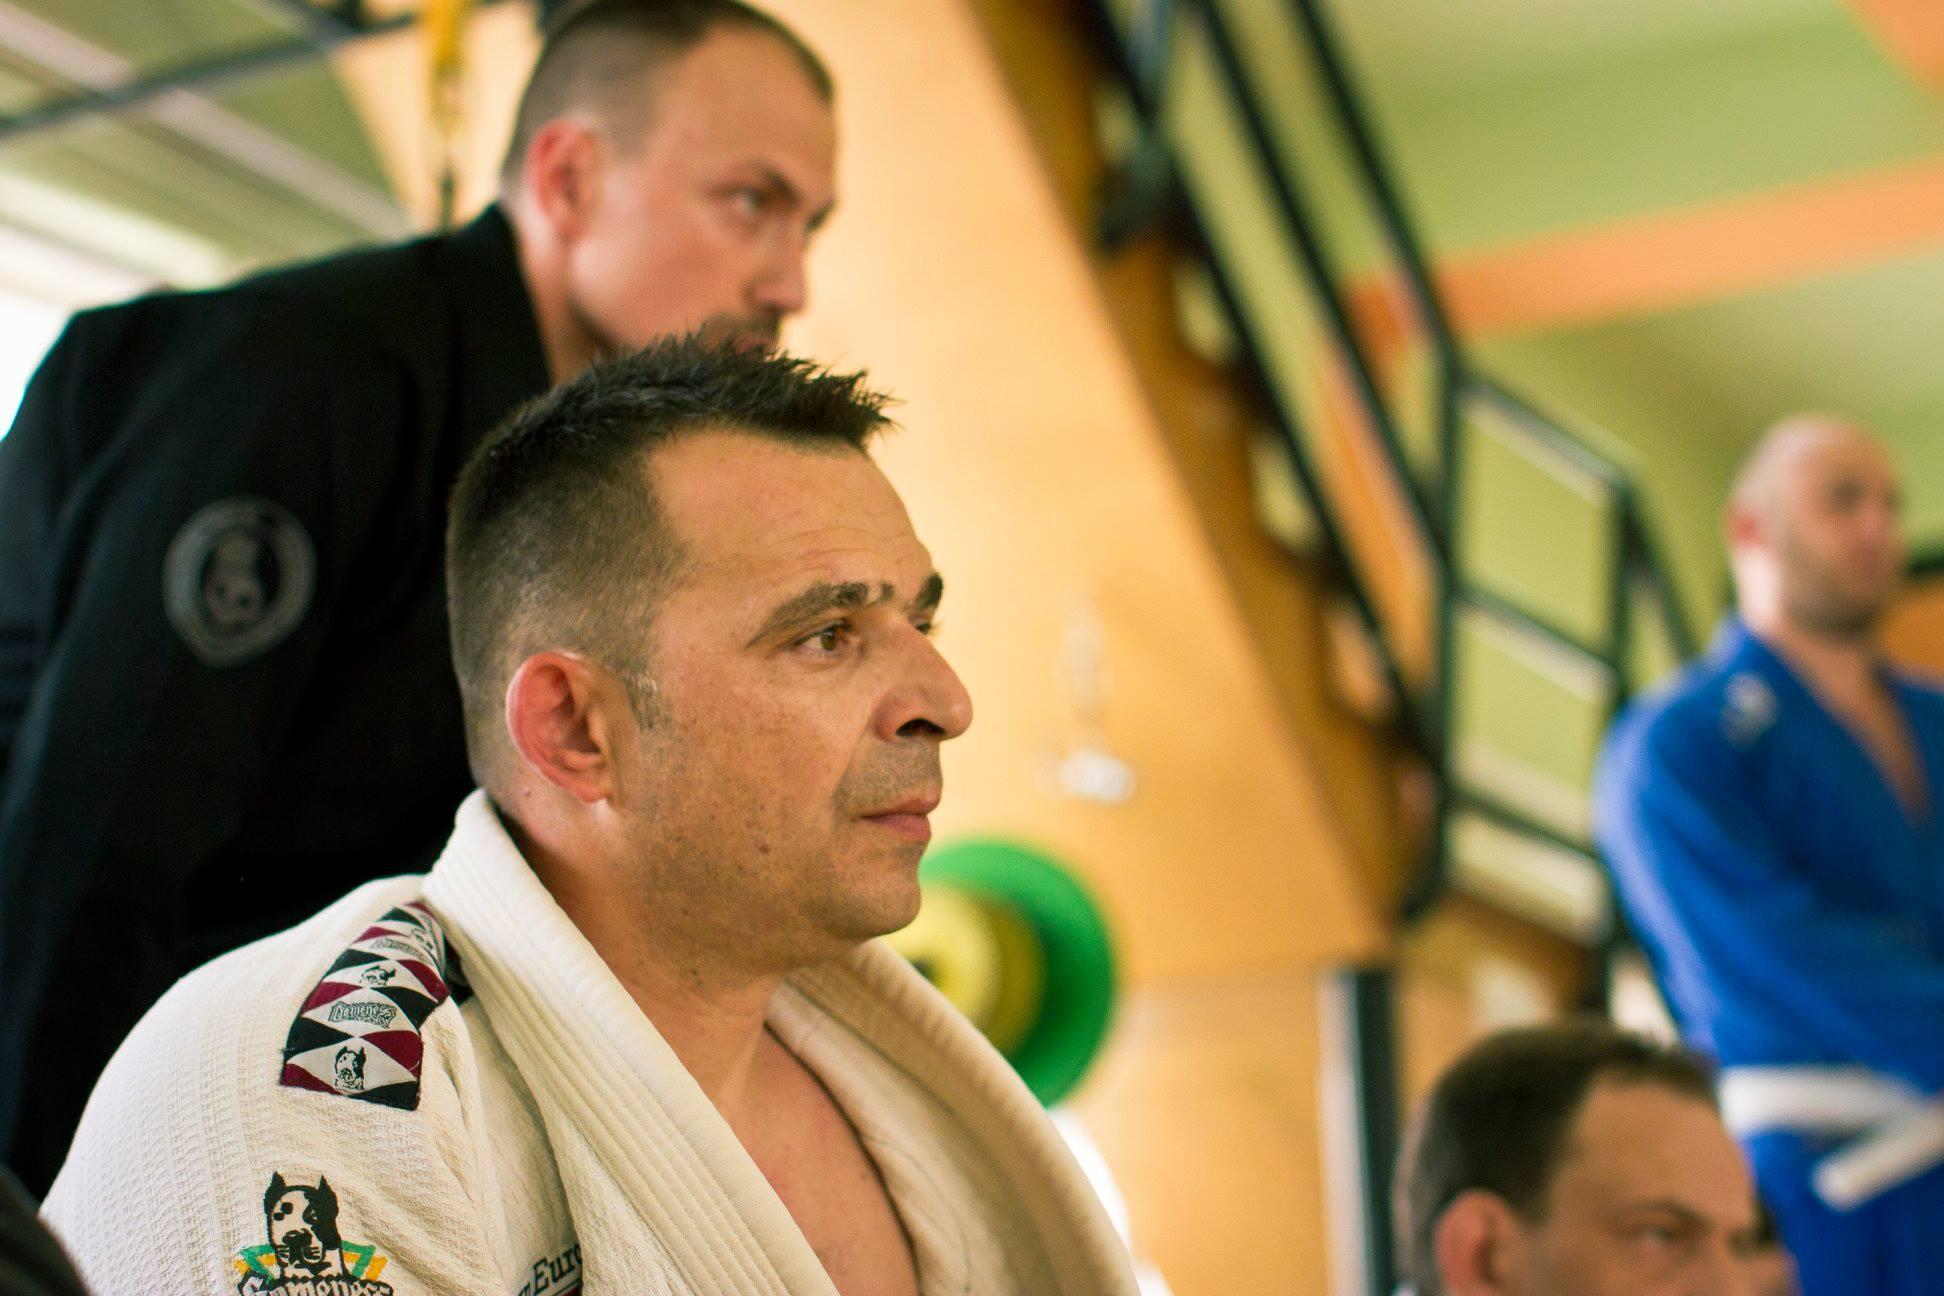 bjj seminar sarajevo (55)